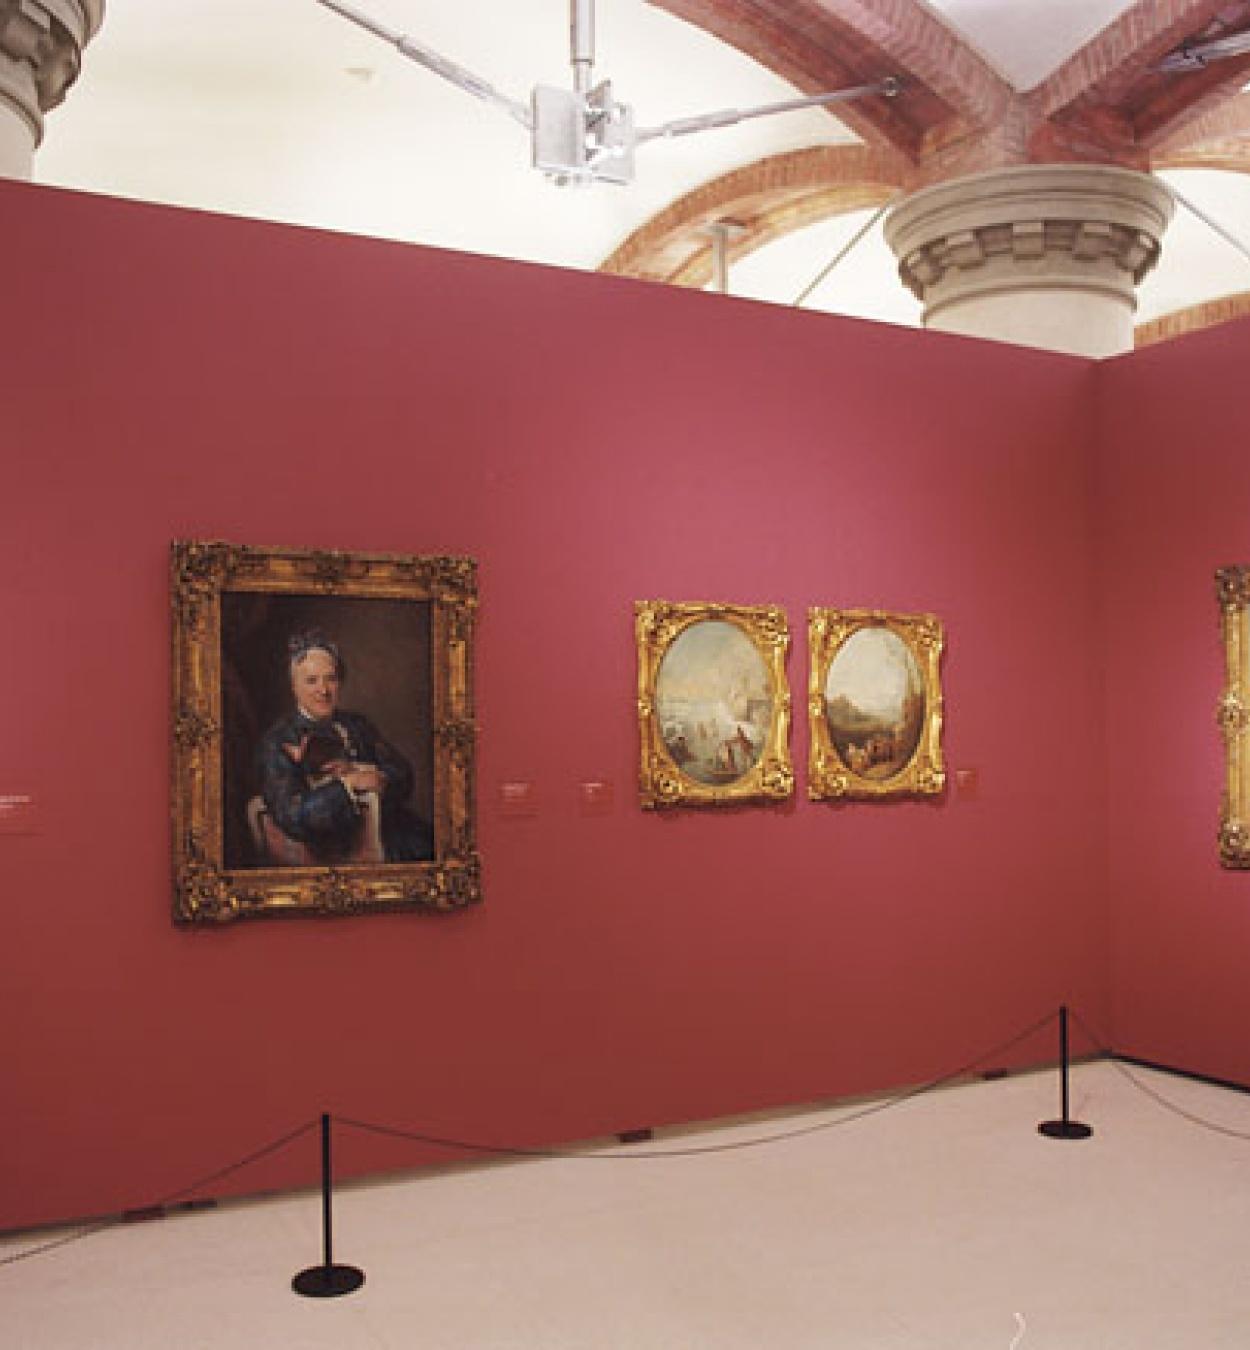 Jean-Honoré Fragonard - Retrat de Charles-Michel-Ange Challe (?) - Cap a 1769 [2]